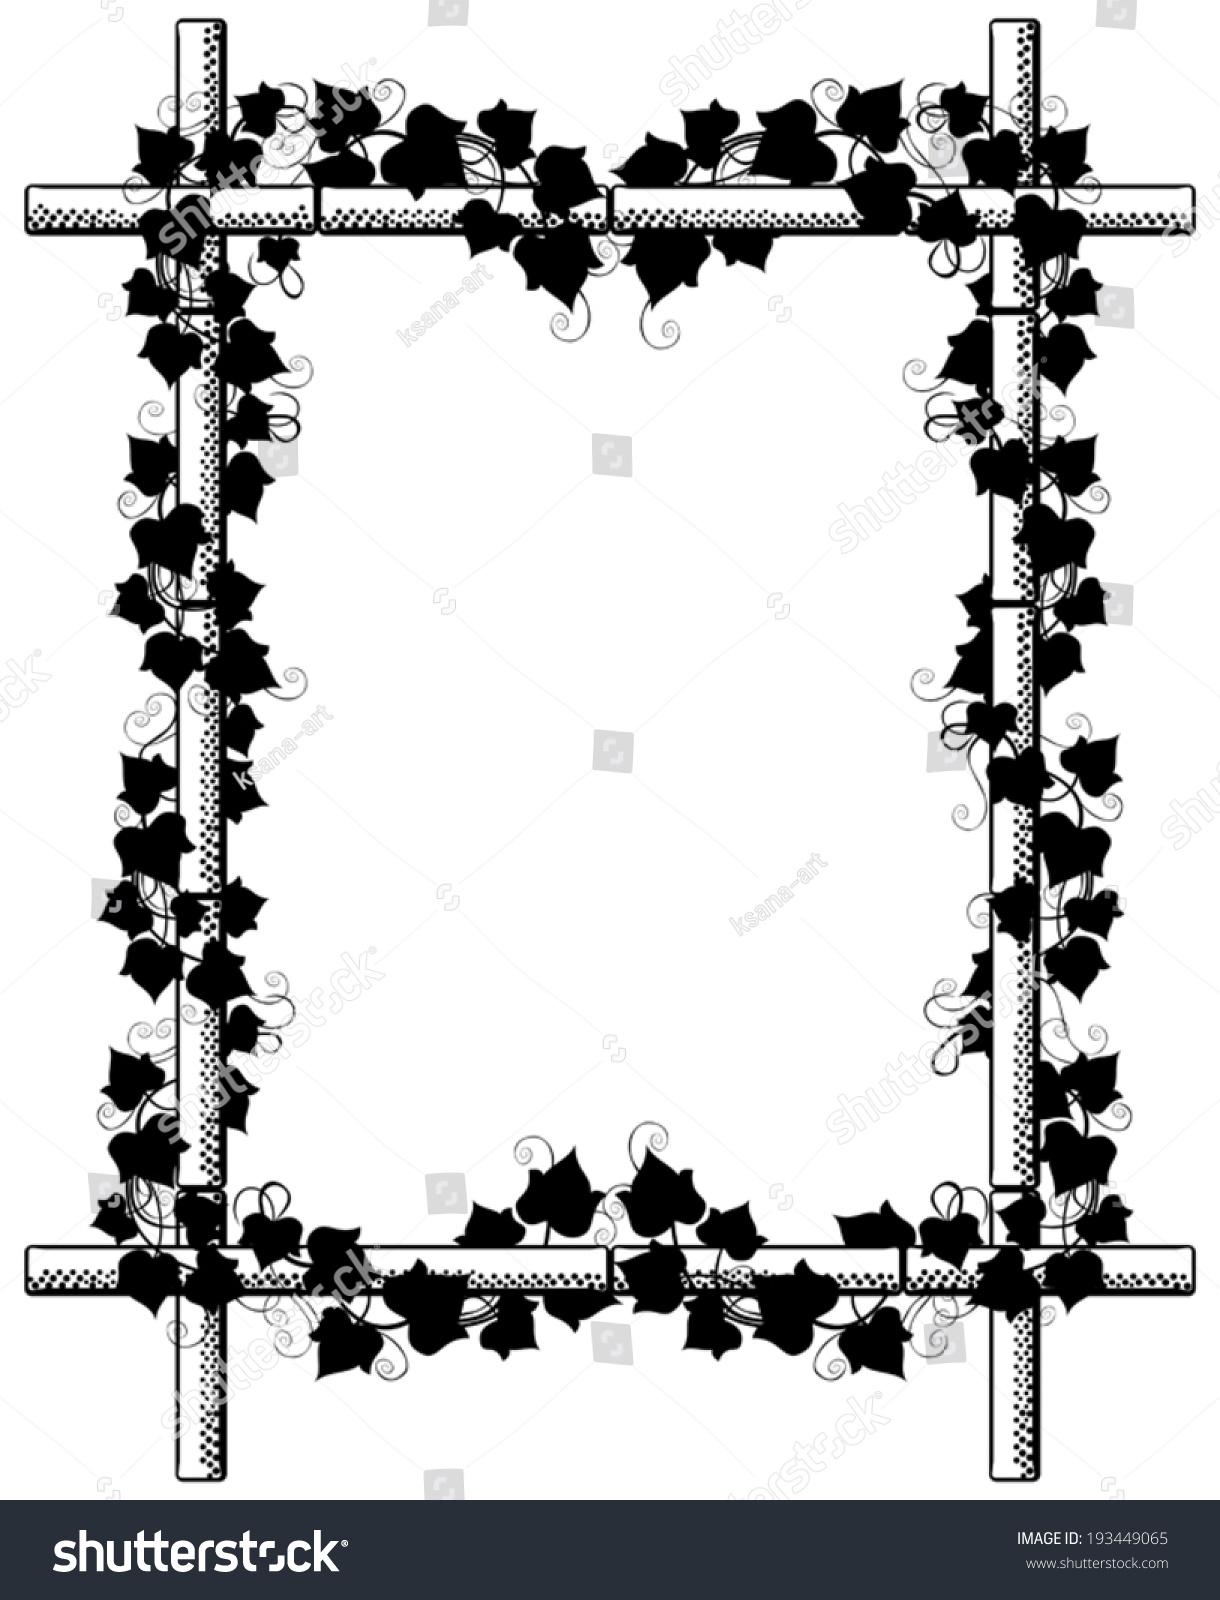 创意微信头像框架